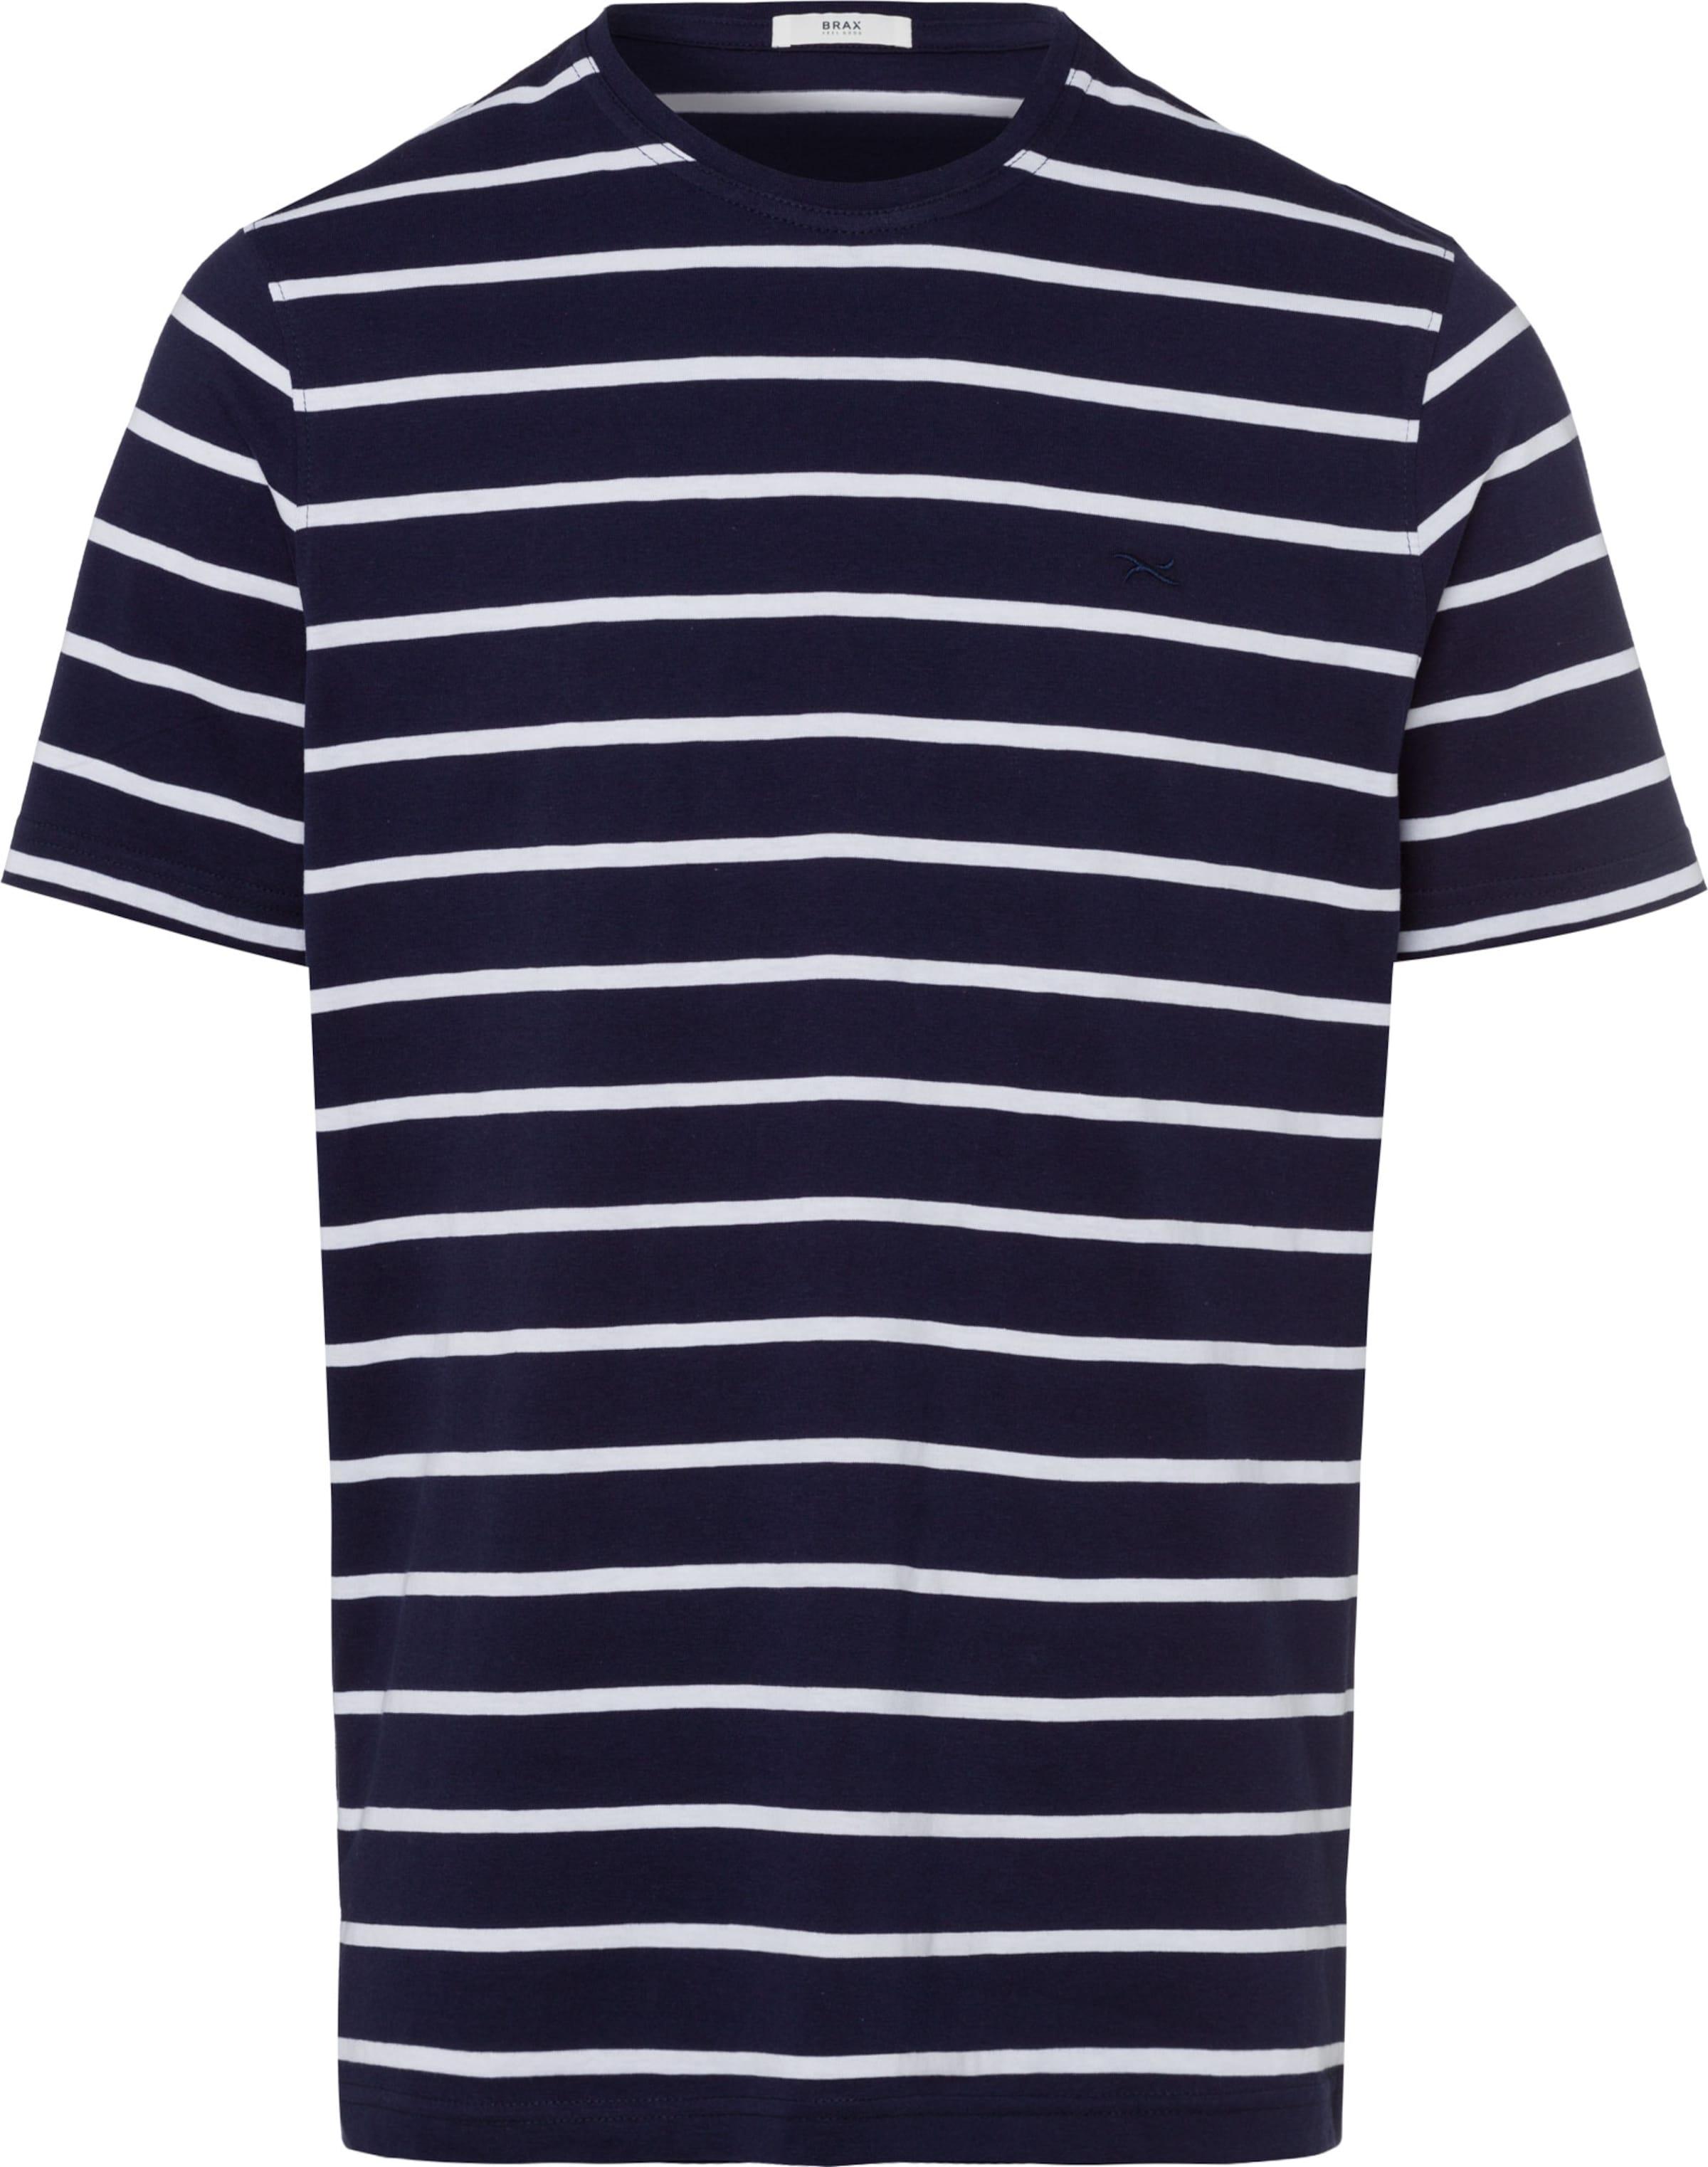 Brax T shirt 'troy' NachtblauWeiß In f6gYvb7y